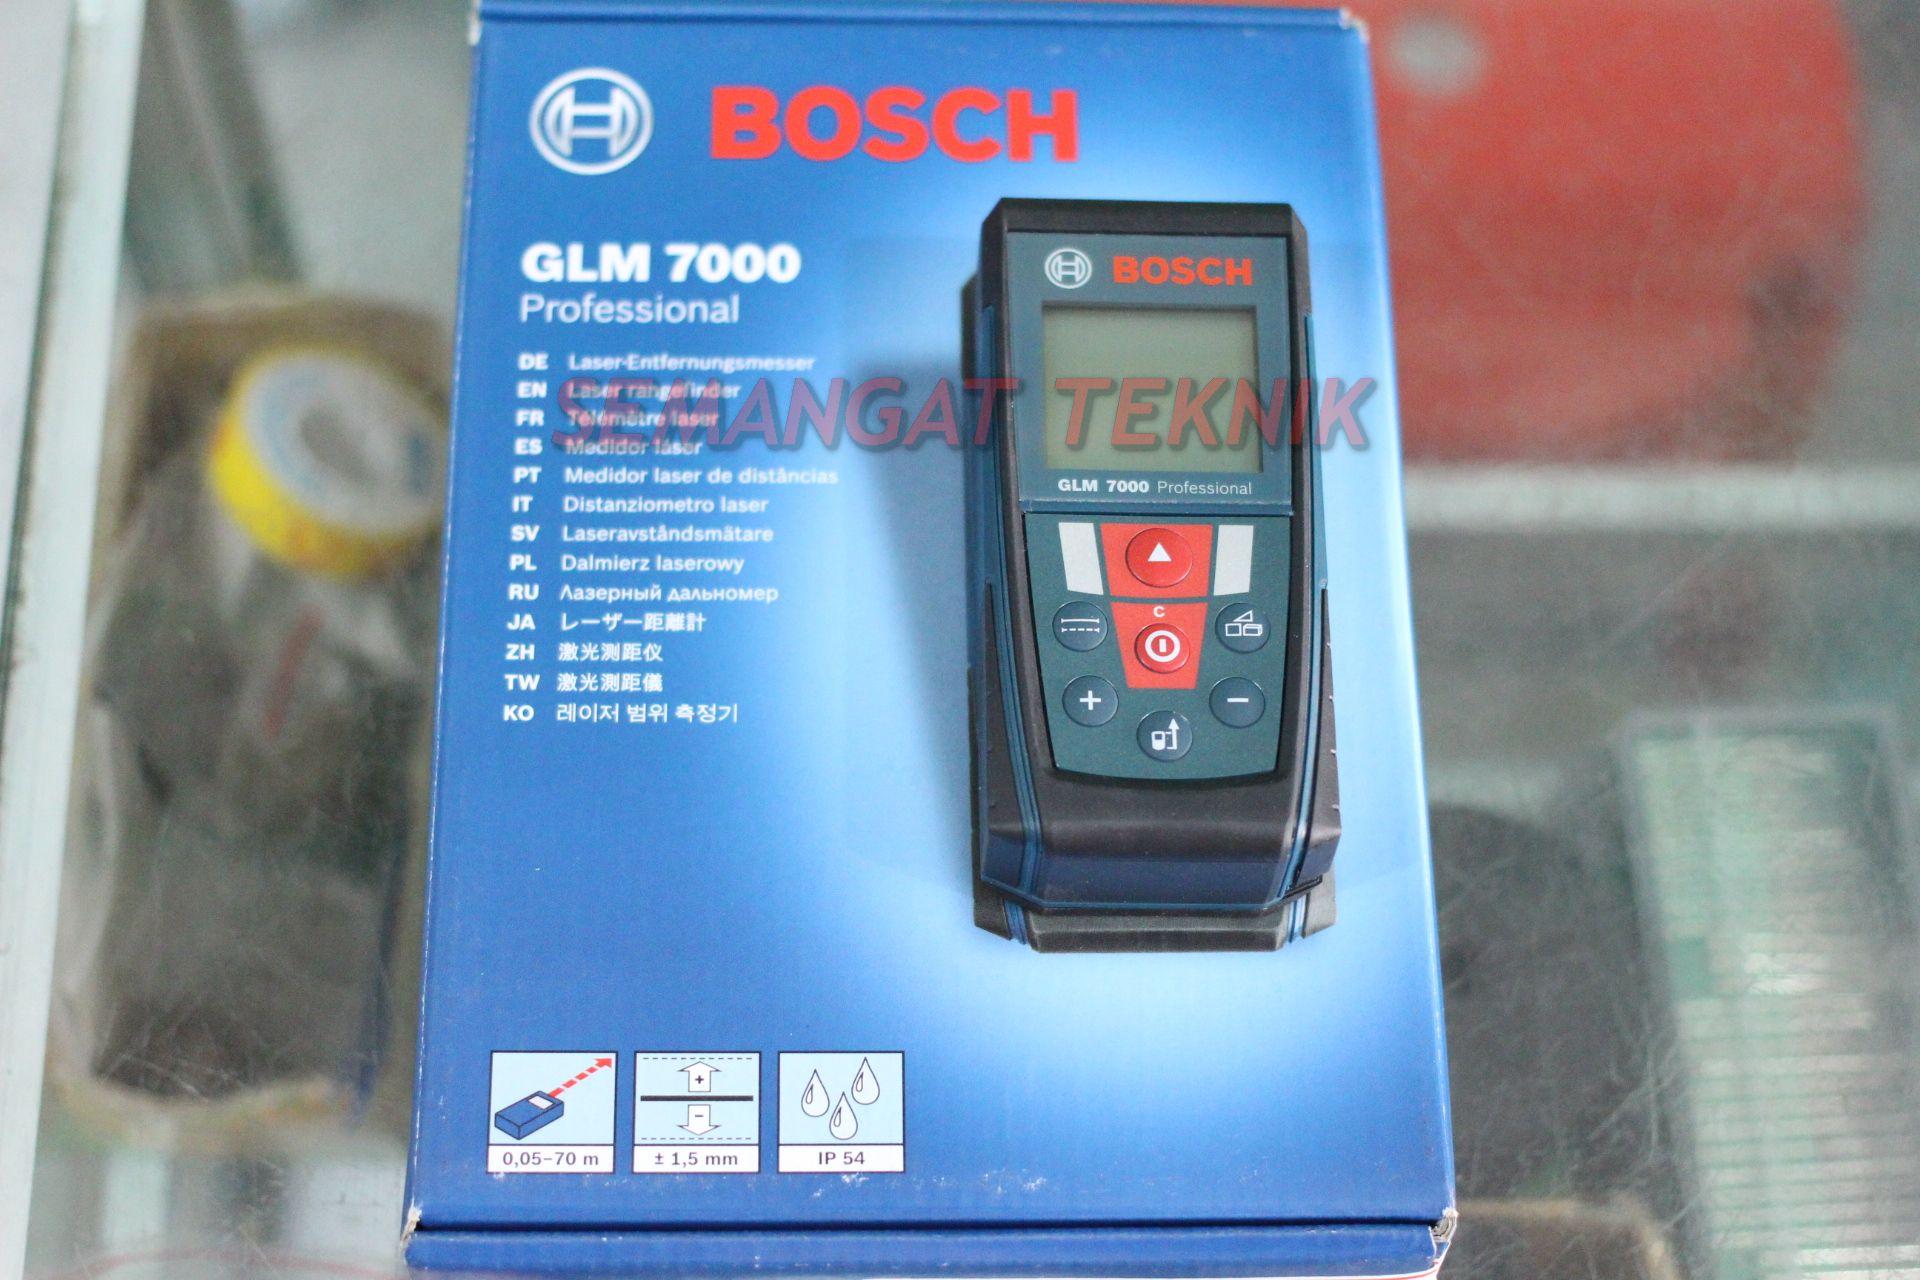 Jual Meteran Laser Digital Glm7000 Bosch Original 70meter Semangat Pengukur Dle 70 Professional Teknik Tokopedia